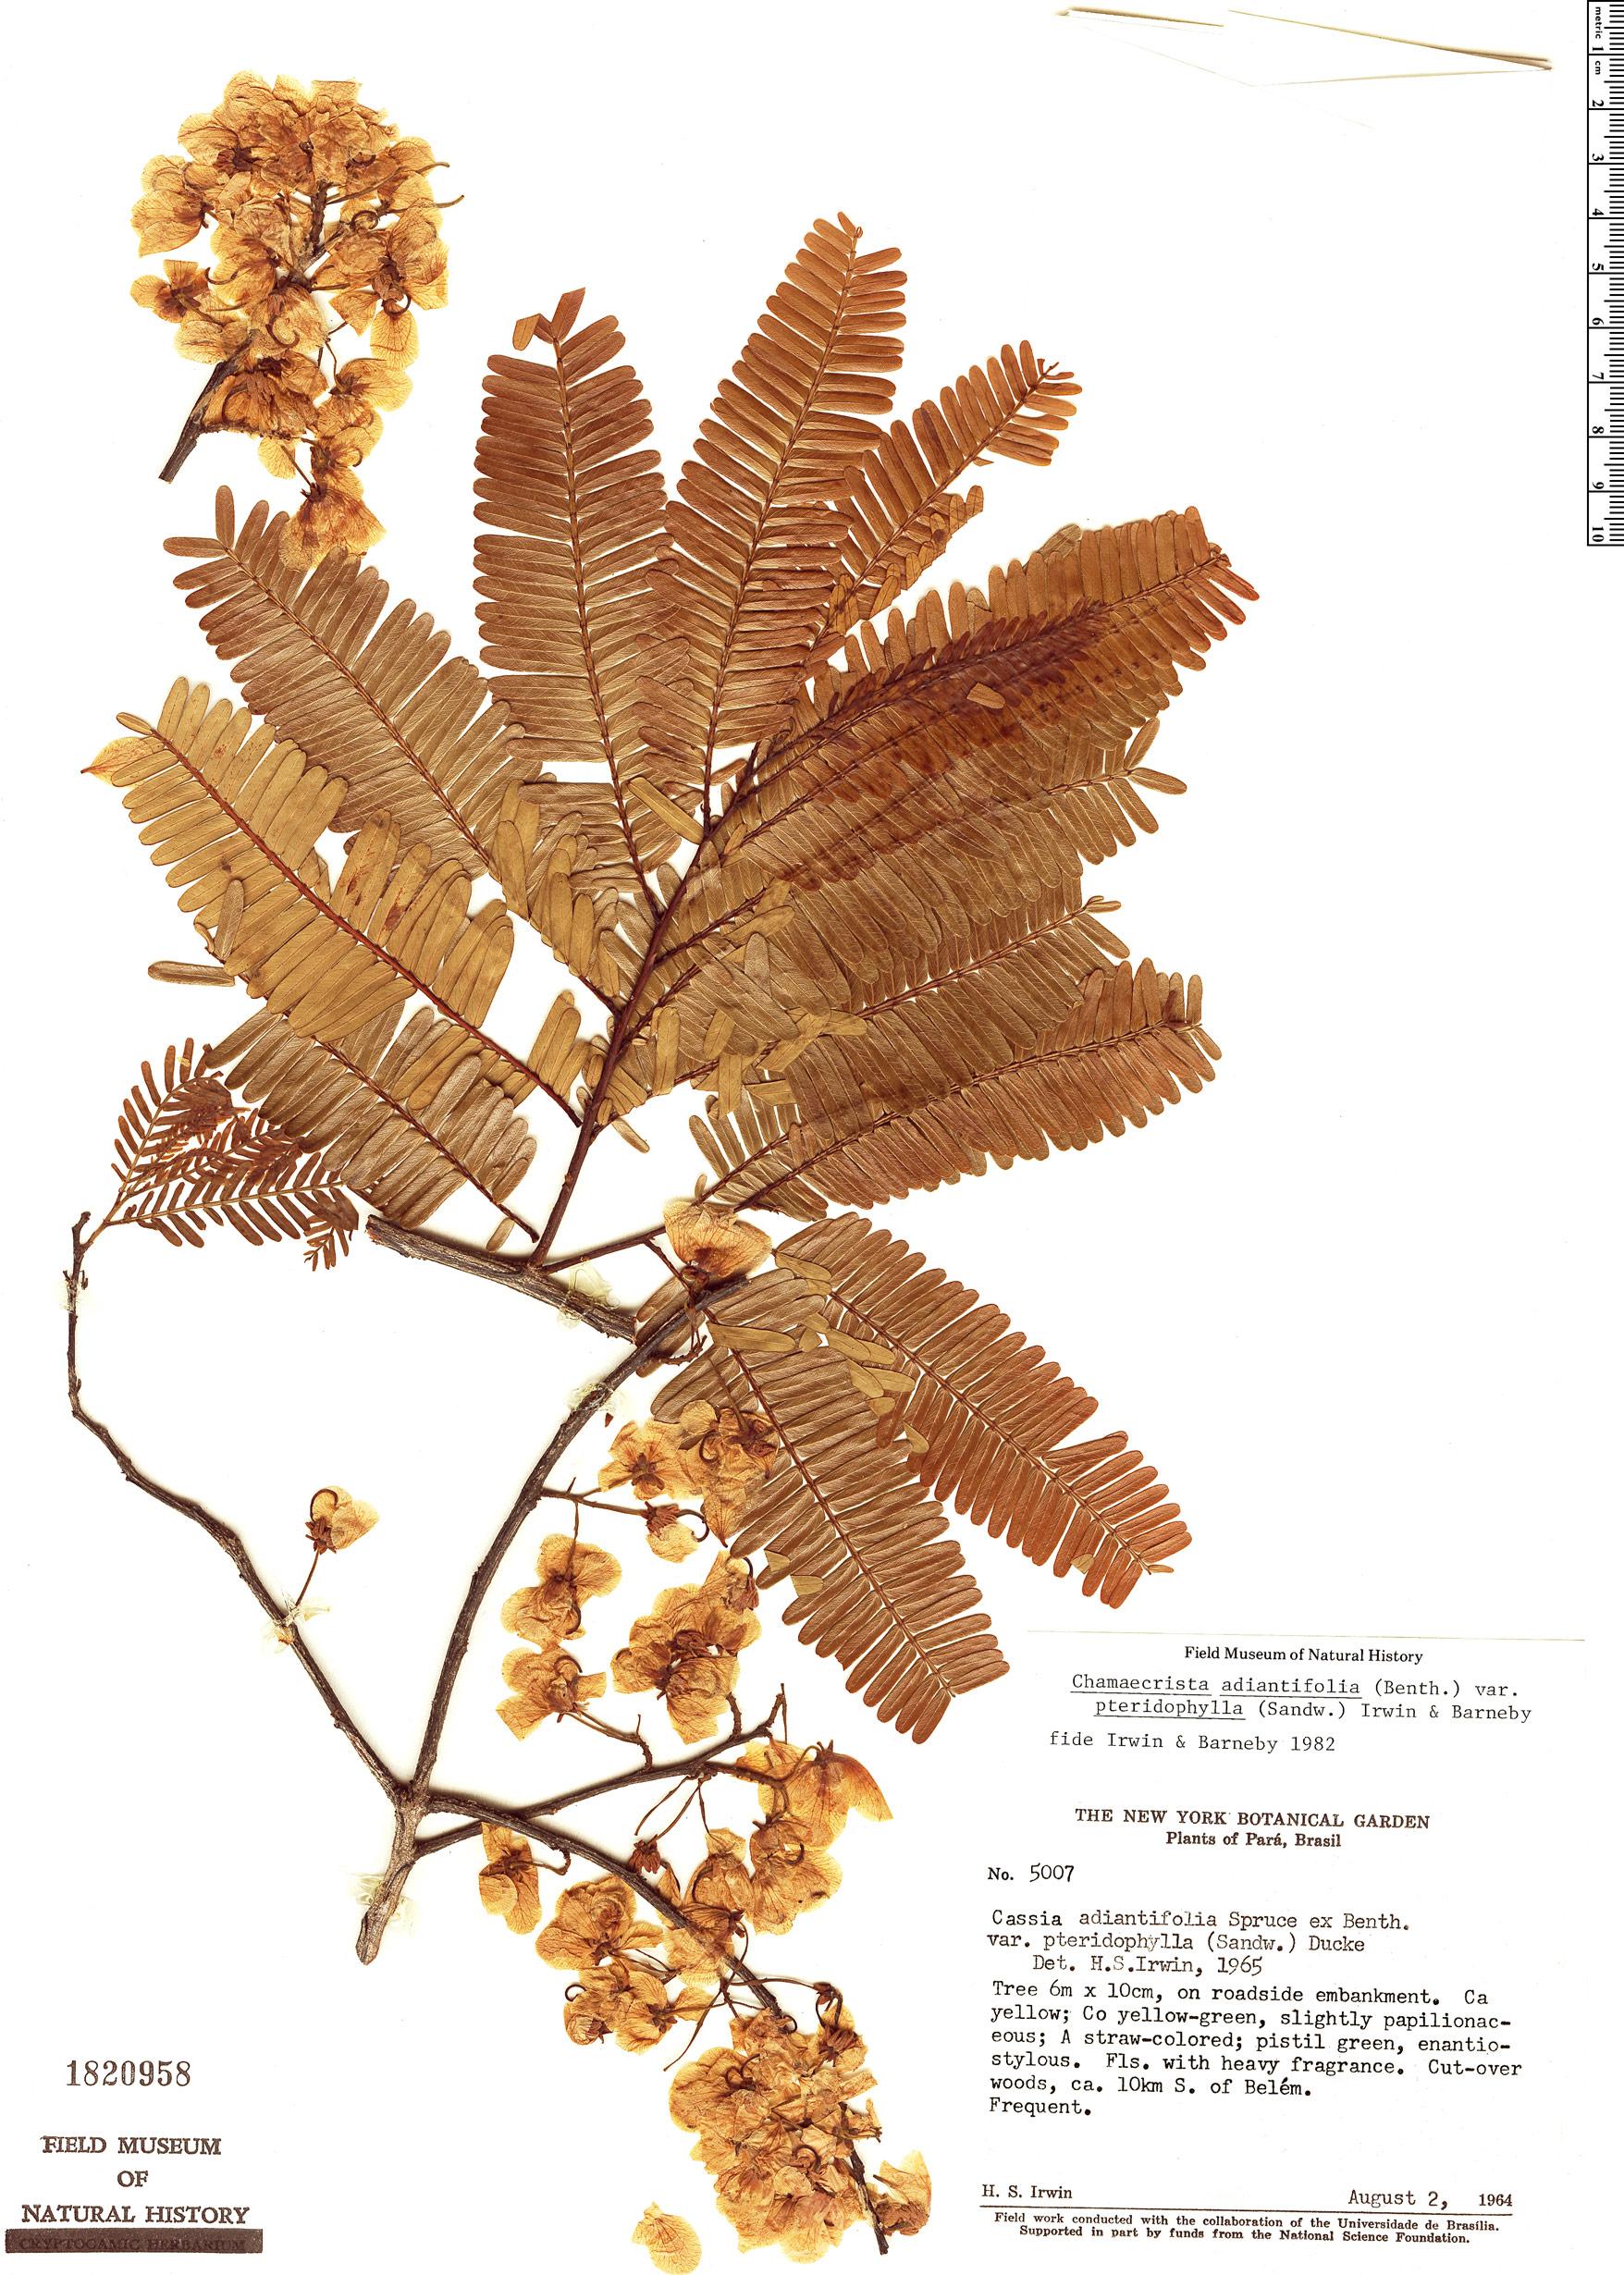 Specimen: Chamaecrista adiantifolia